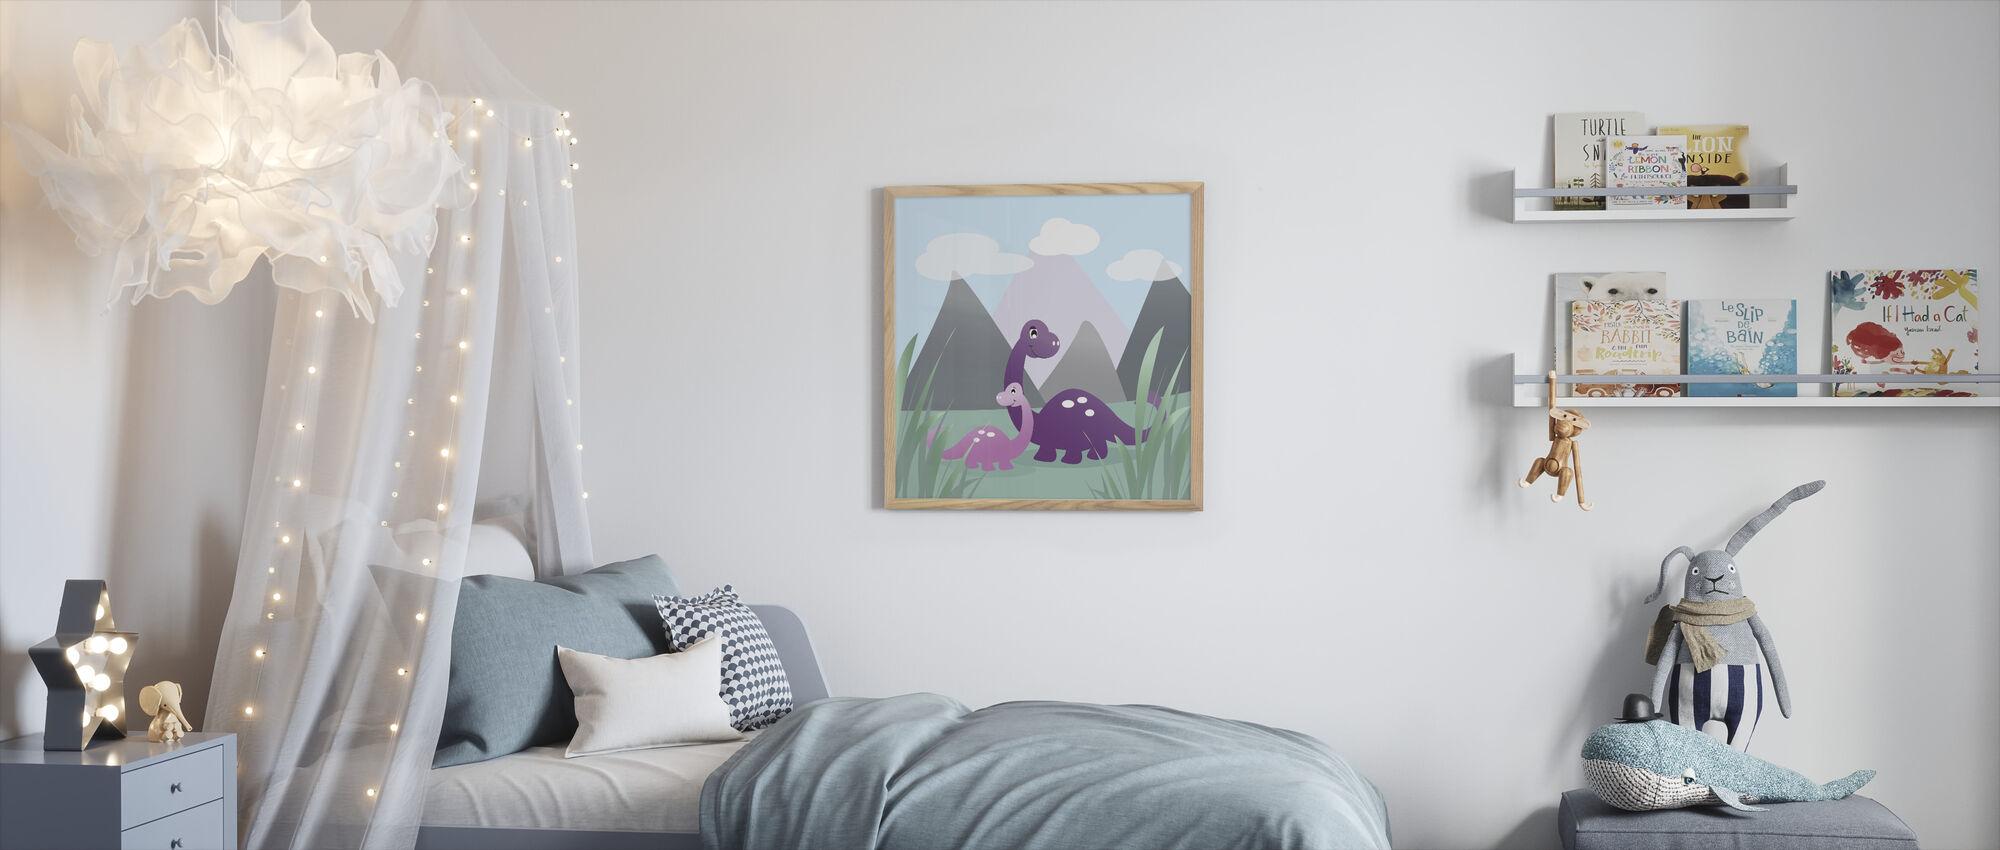 Dinoland - Violetti - Kehystetty kuva - Lastenhuone